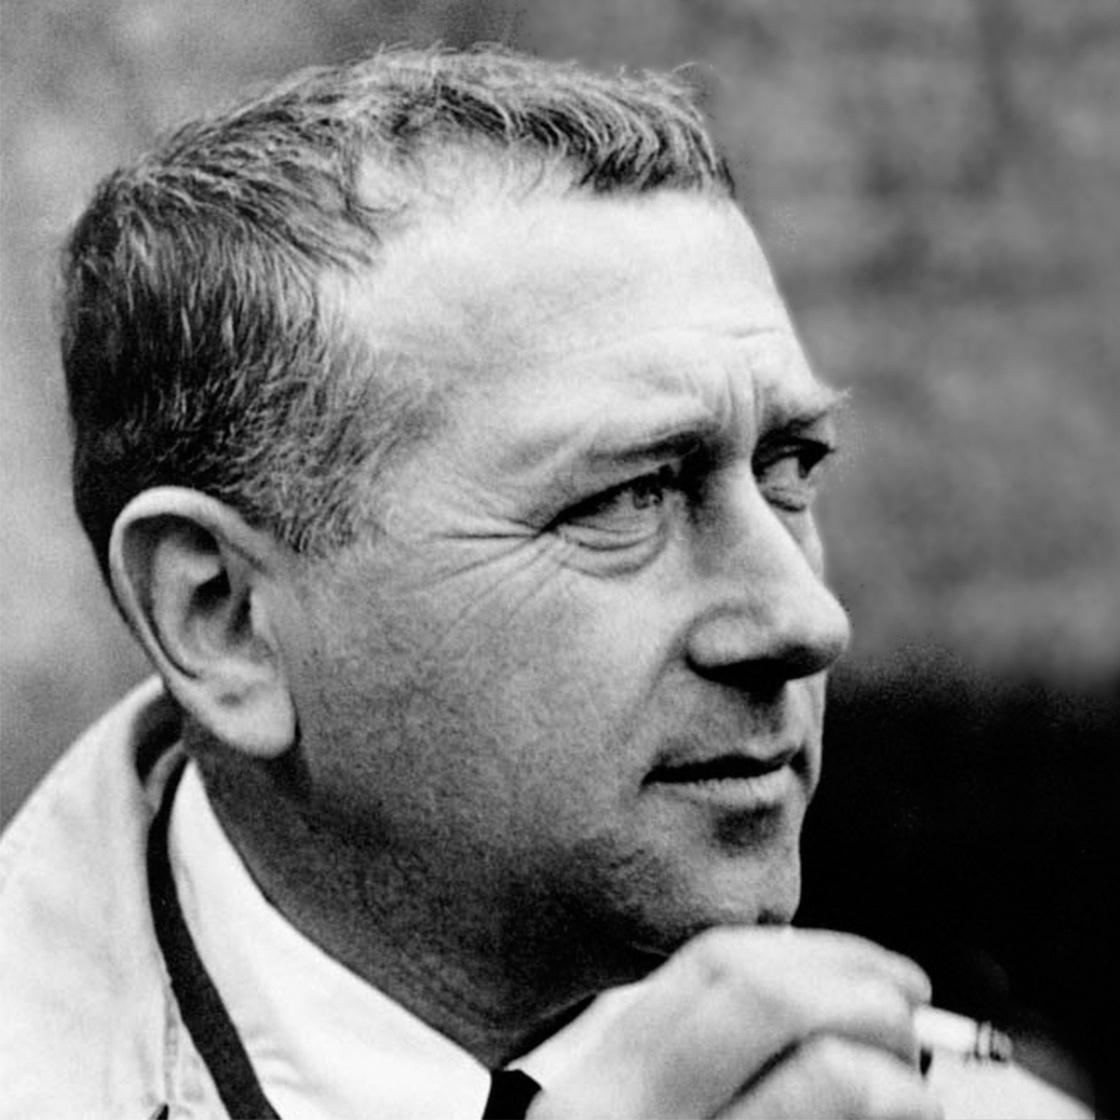 Marcel Breuer - 1902 - 1981Architekt und Designerarchitect and designer